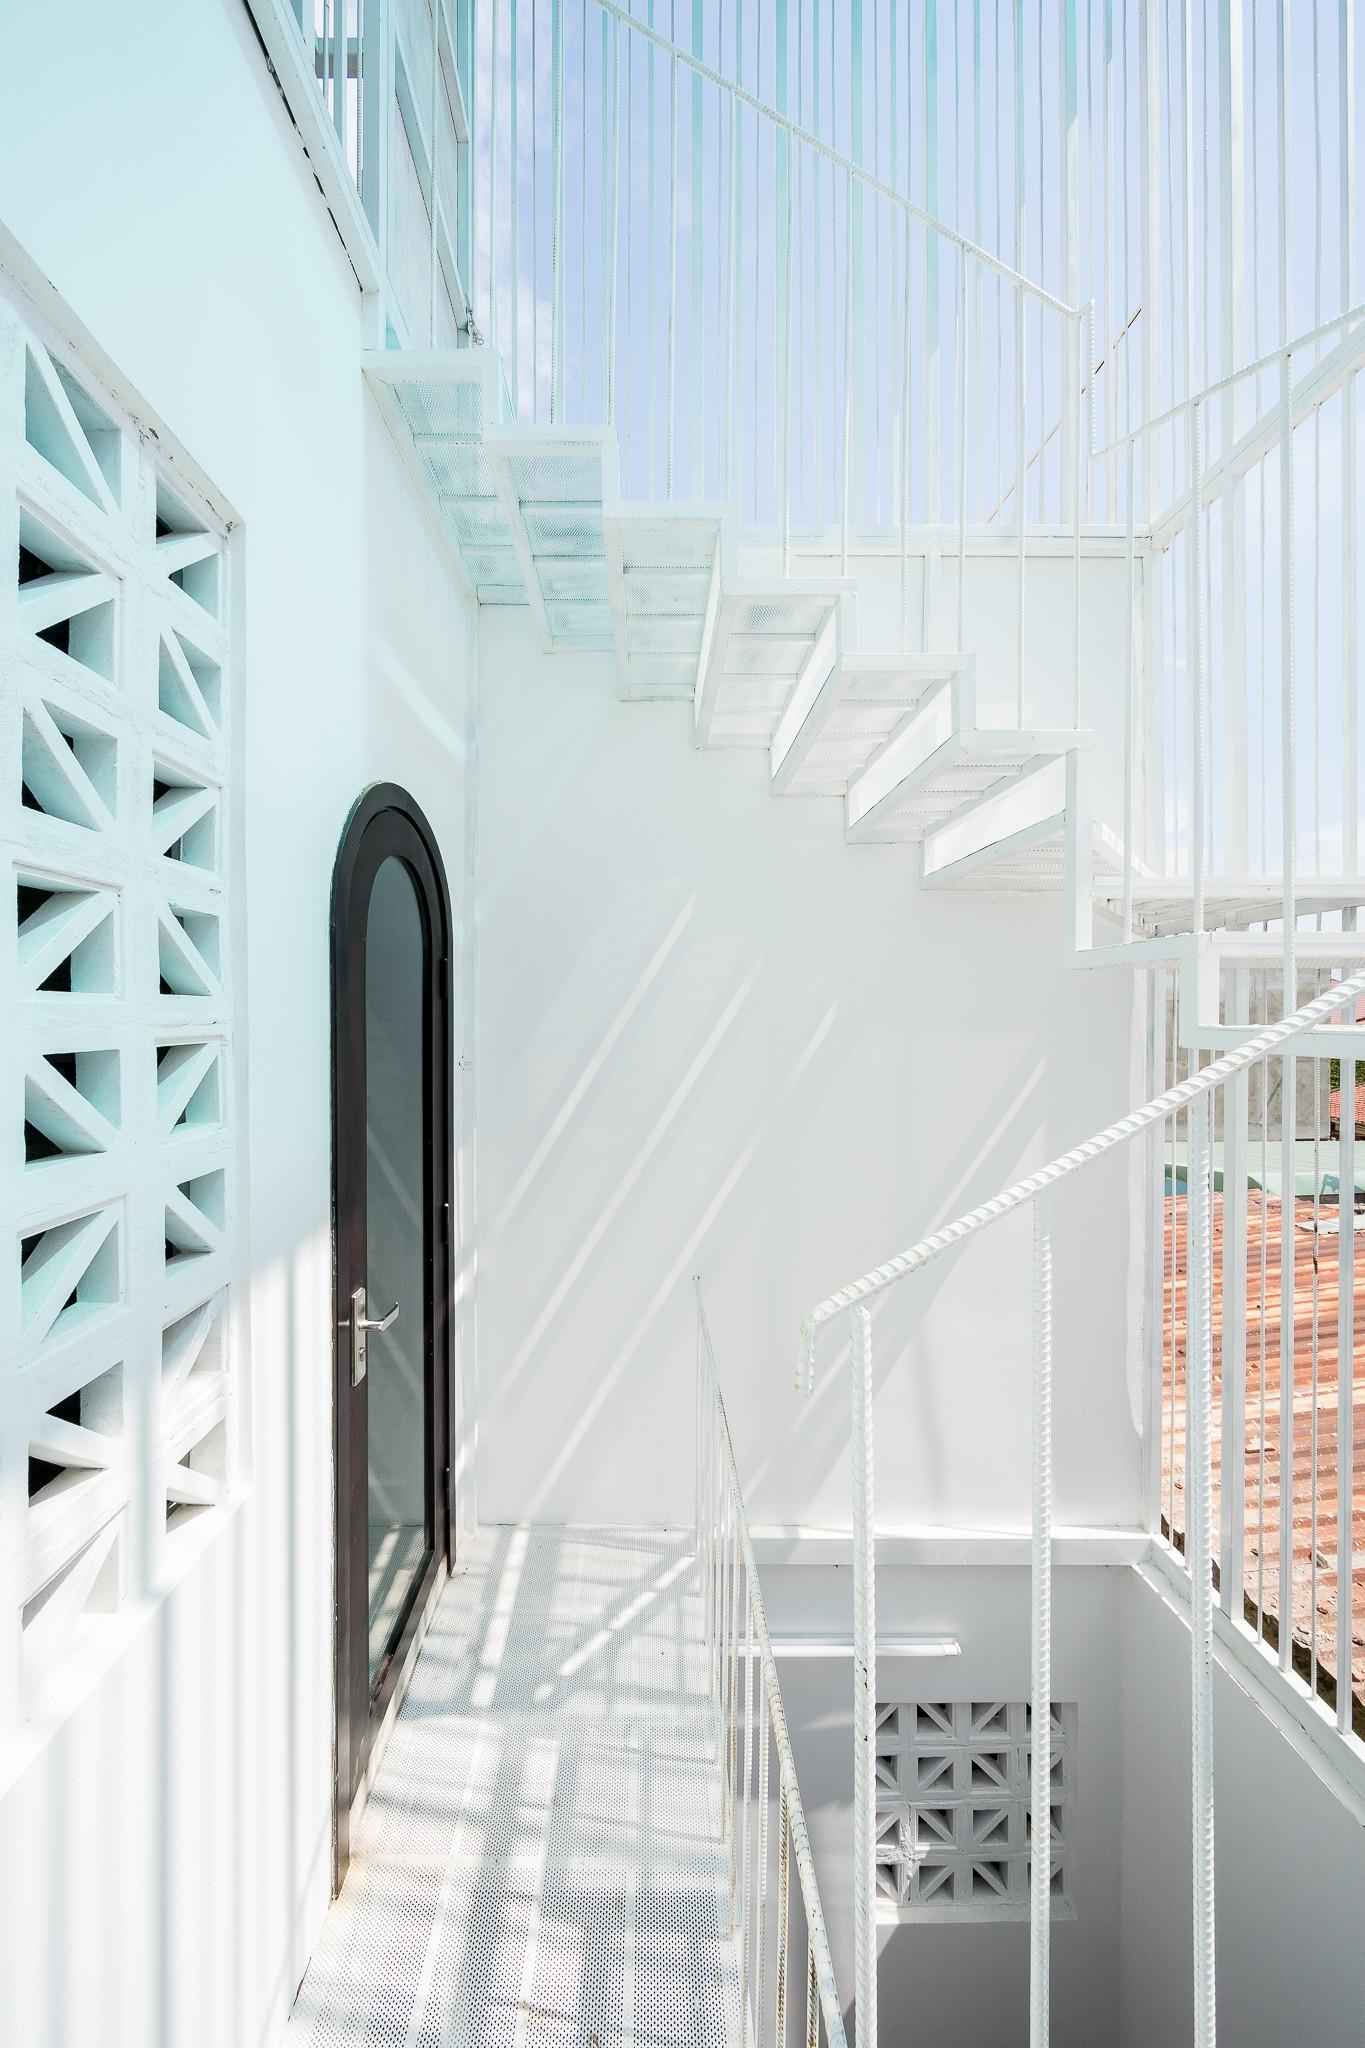 Ngôi nhà gạch 2 tầng của cặp vợ chồng già ở Đà Nẵng được tạp chí Mỹ xuýt xoa khen ngợi - Ảnh 18.